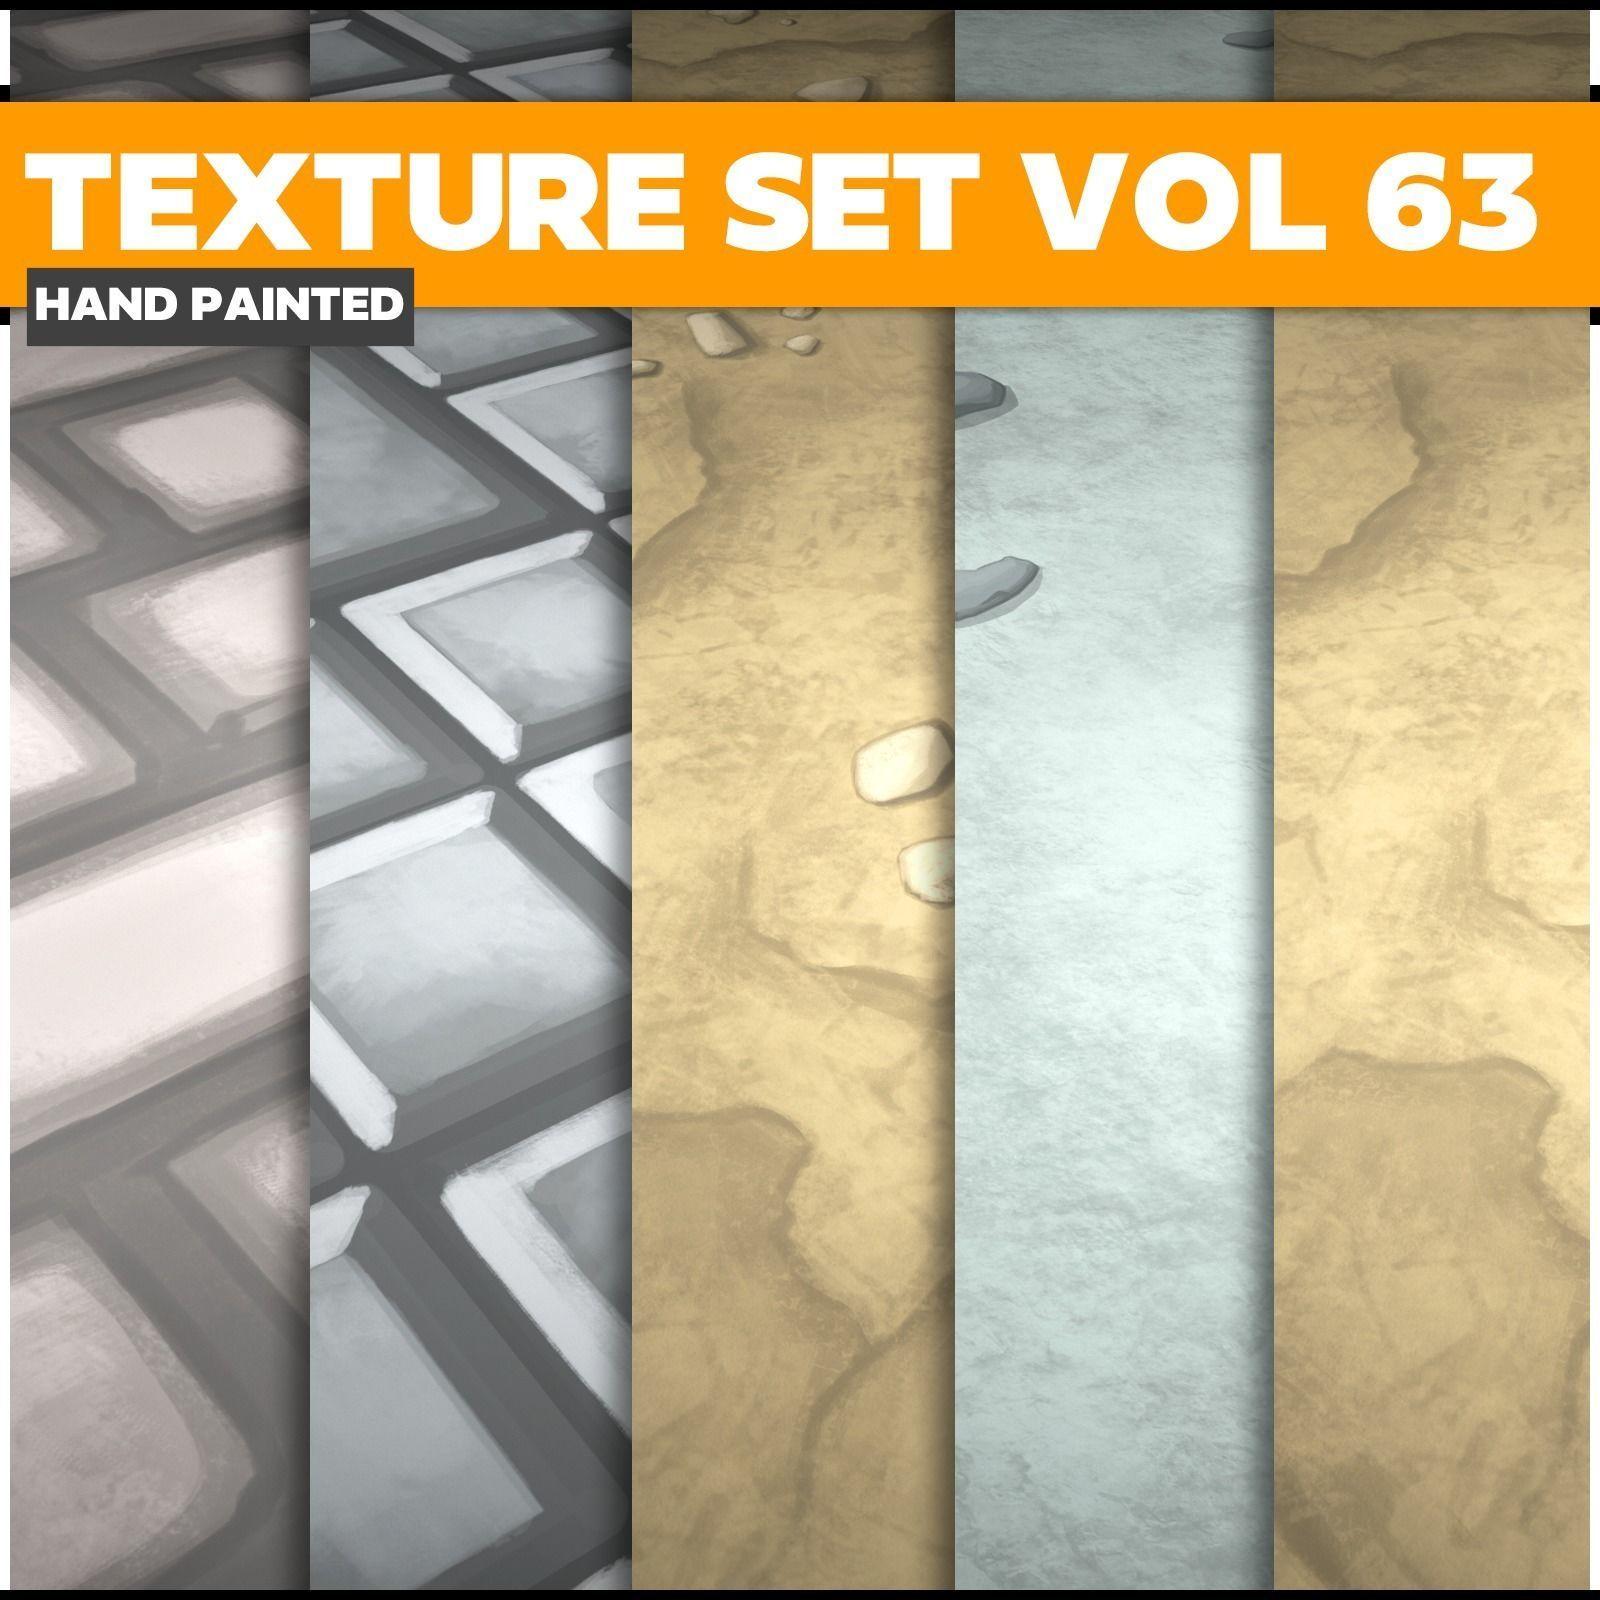 Floor Vol 63 - Game PBR Textures